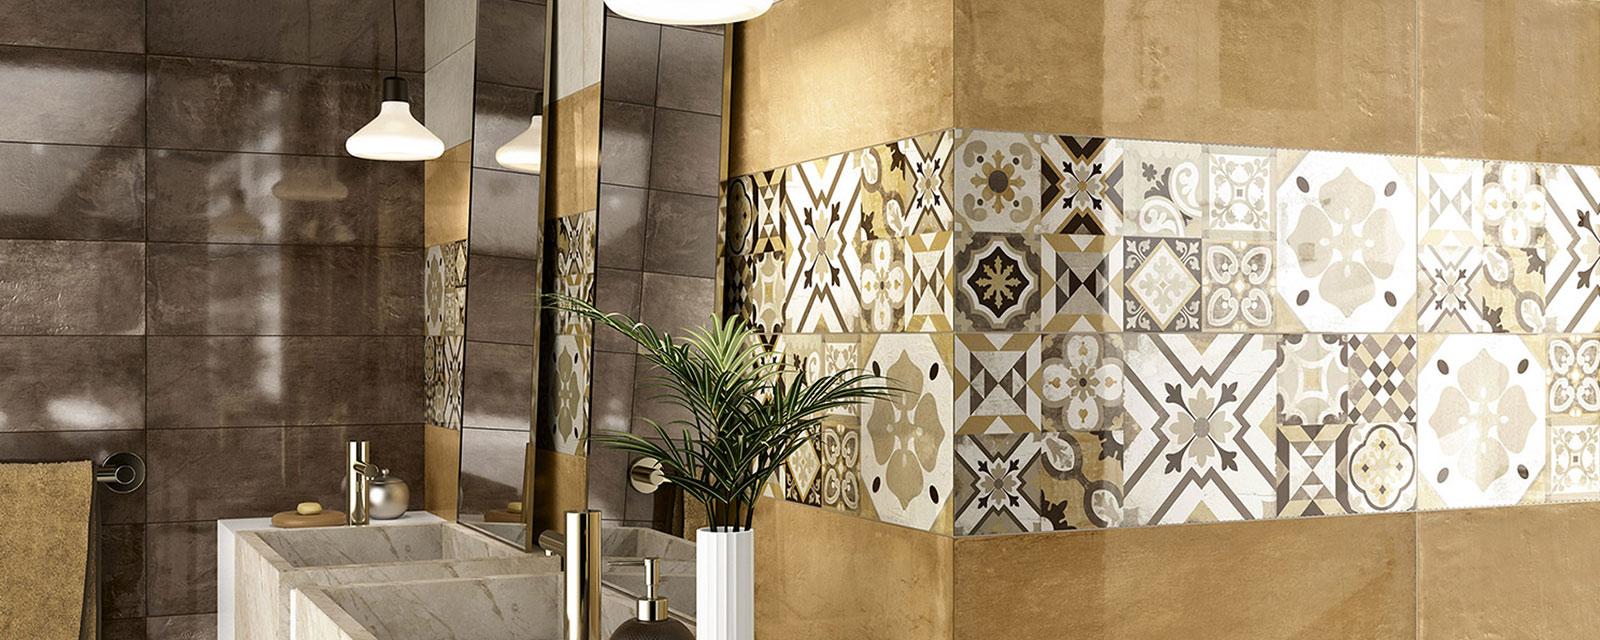 Frise Salle De Bain Horizontale Ou Verticale frise de salle de bains : comment bien la choisir ? | guide